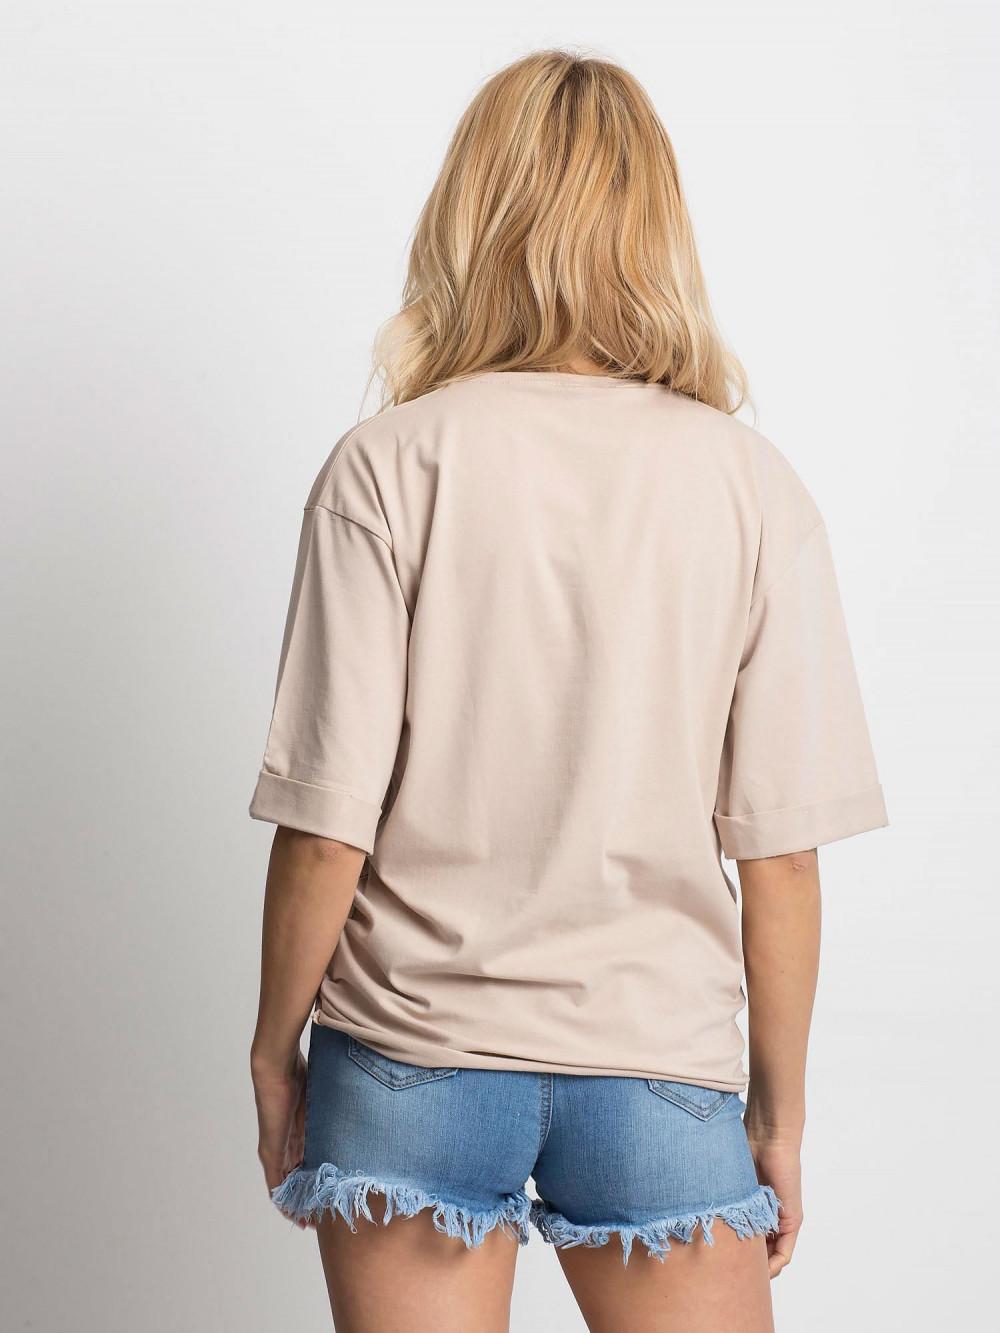 Jasnokawowy oversizeowy t-shirt Gimmie 4